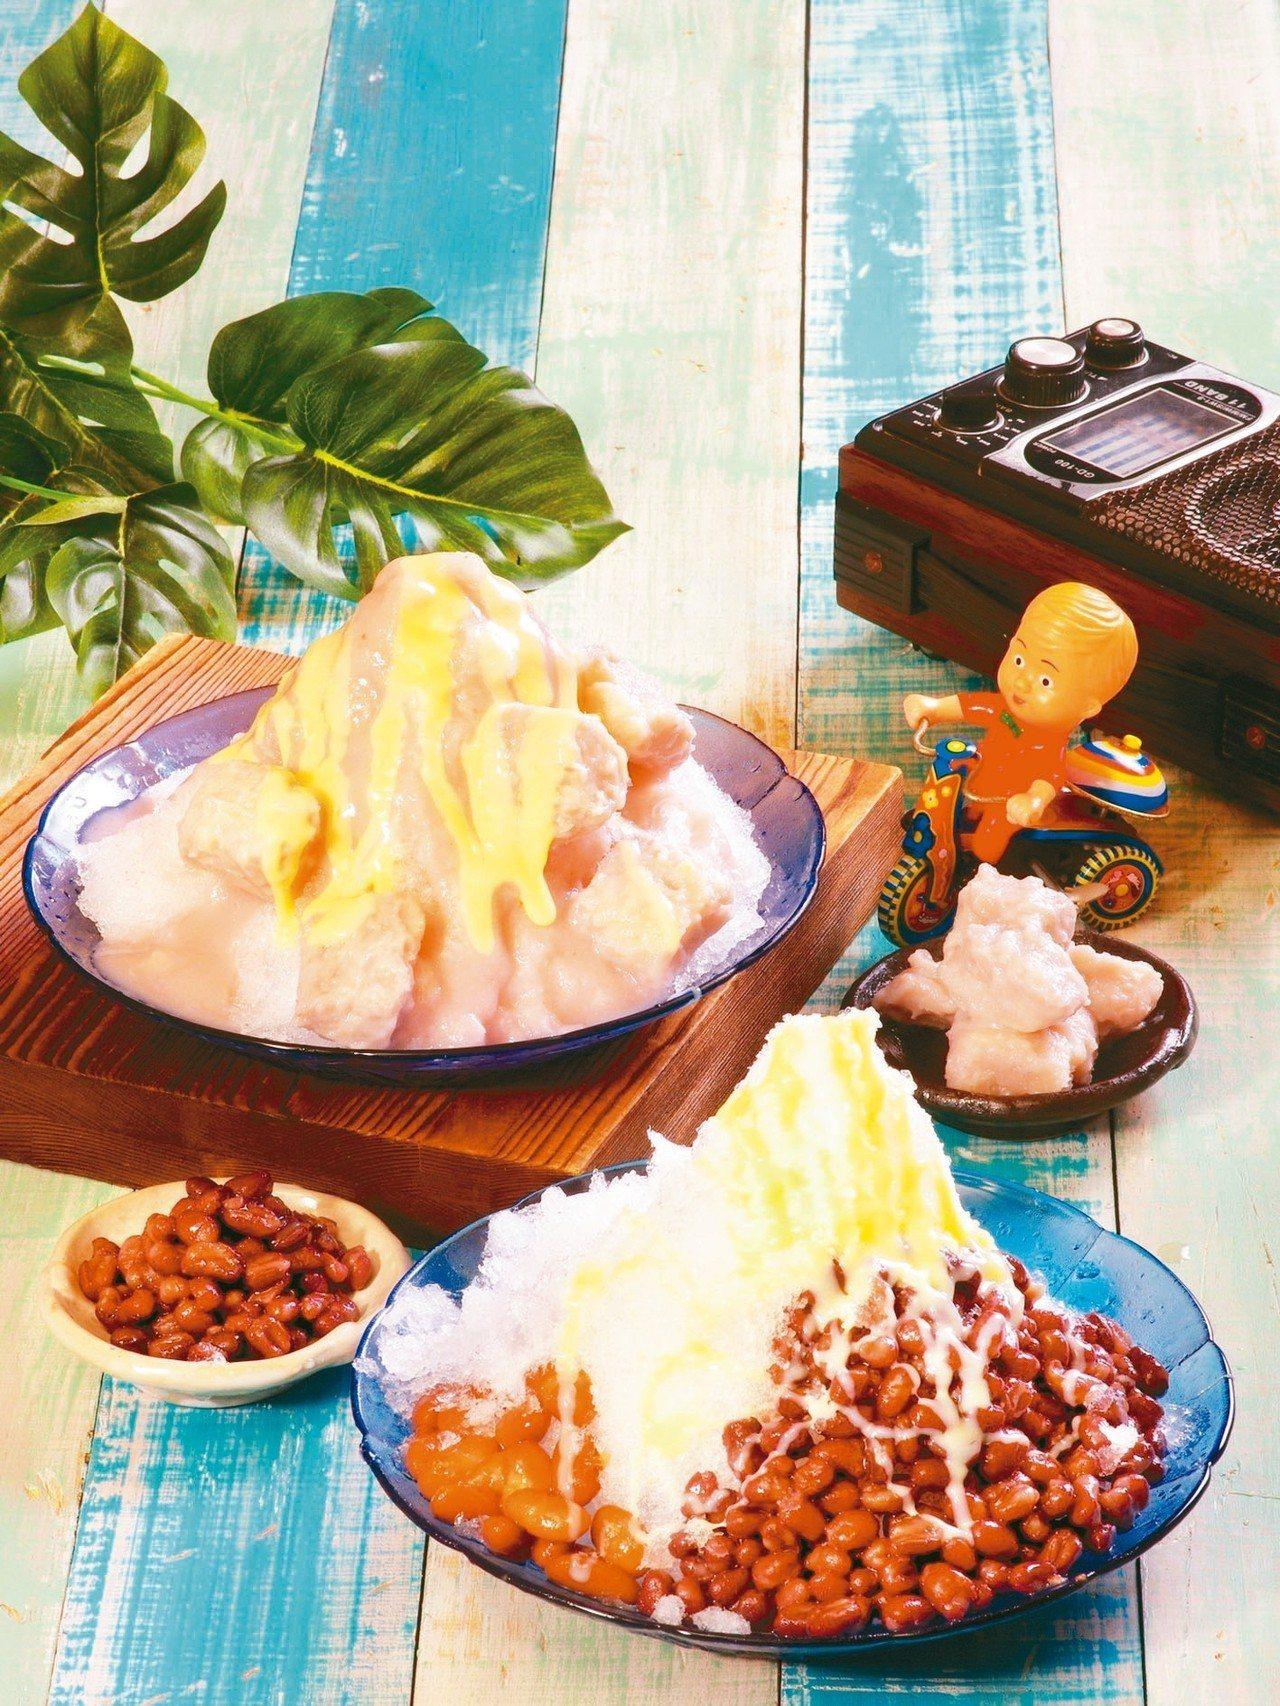 乳香雙芋冰、紅豆牛奶冰。 圖/台北天成飯店提供